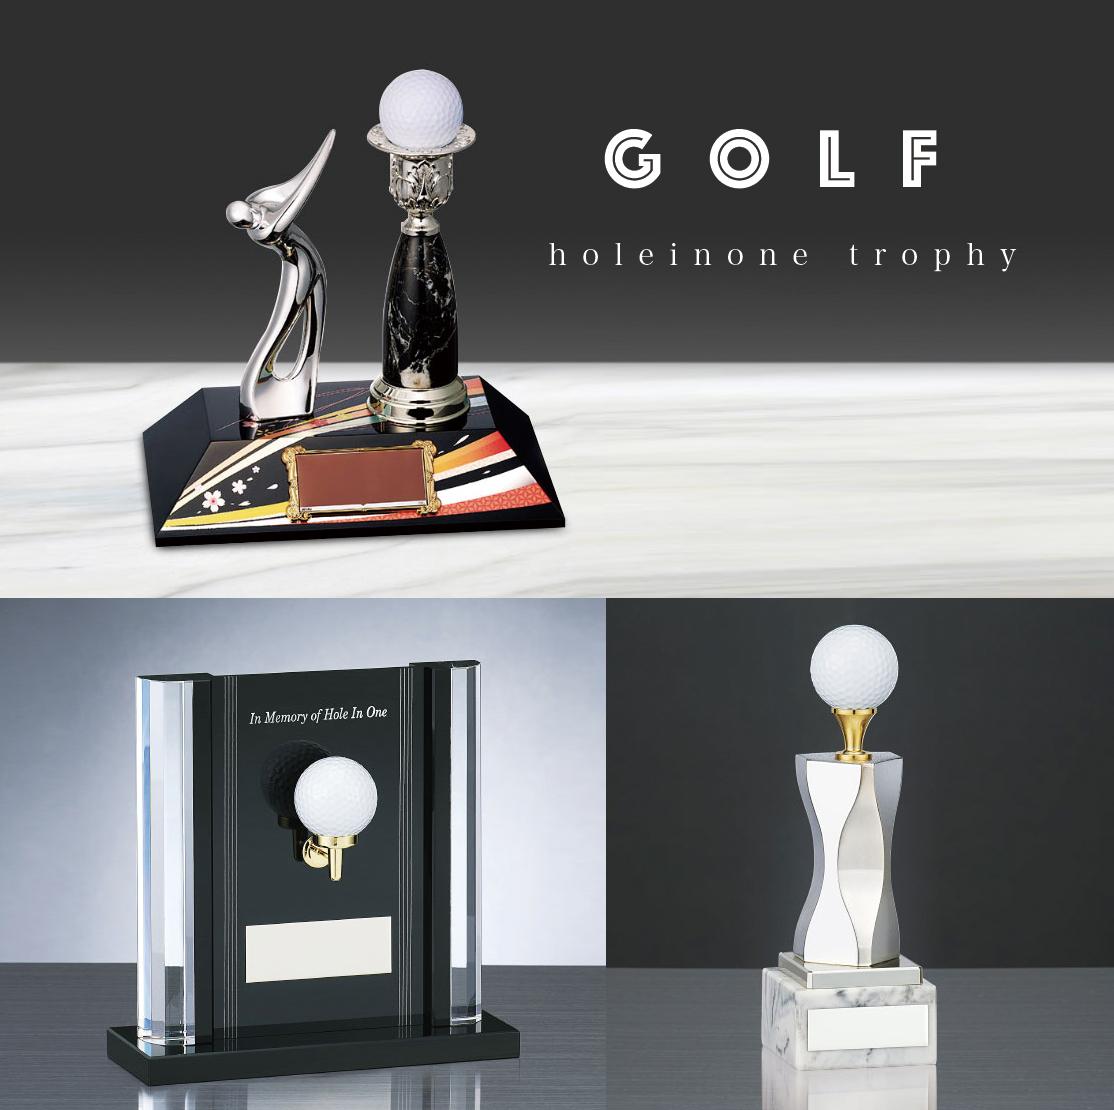 ゴルフ・ホールインワン記念品